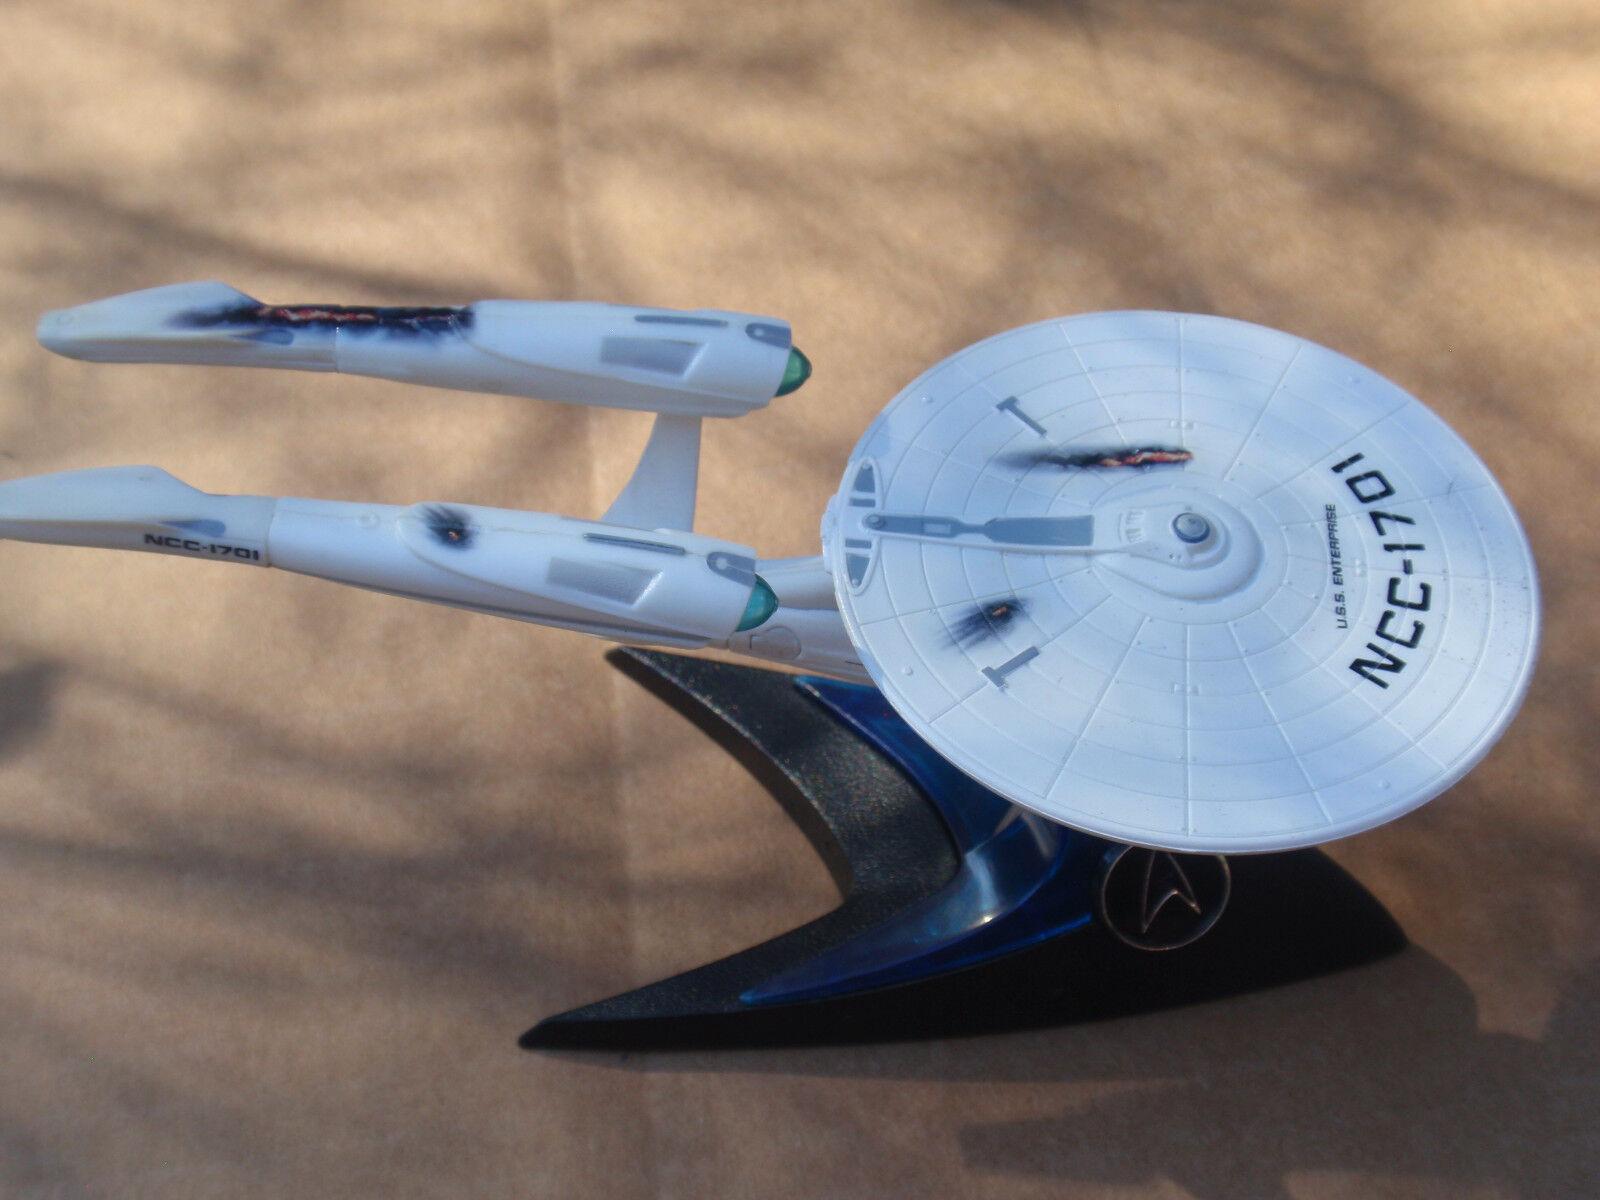 gran descuento Hot Wheels Estrella Trek U.S.S. Enterprise Enterprise Enterprise NCC-1701 Battle Damaged suelta de 6 pulgadas  autorización oficial